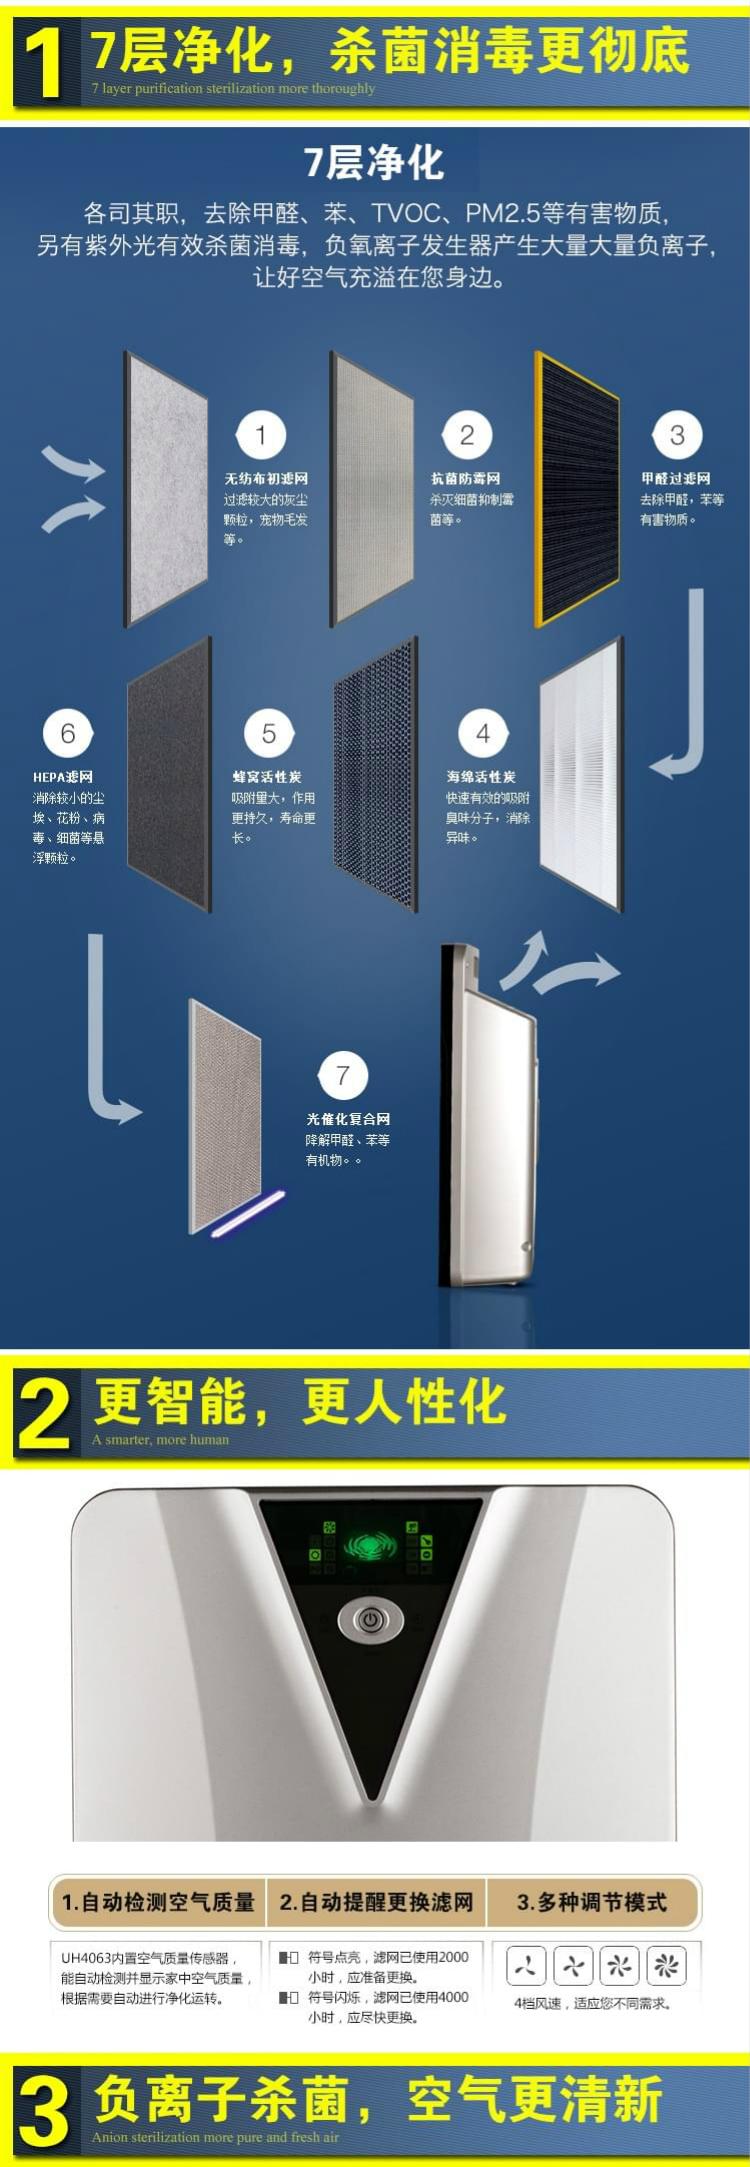 空气净化器淘宝详情页设计2